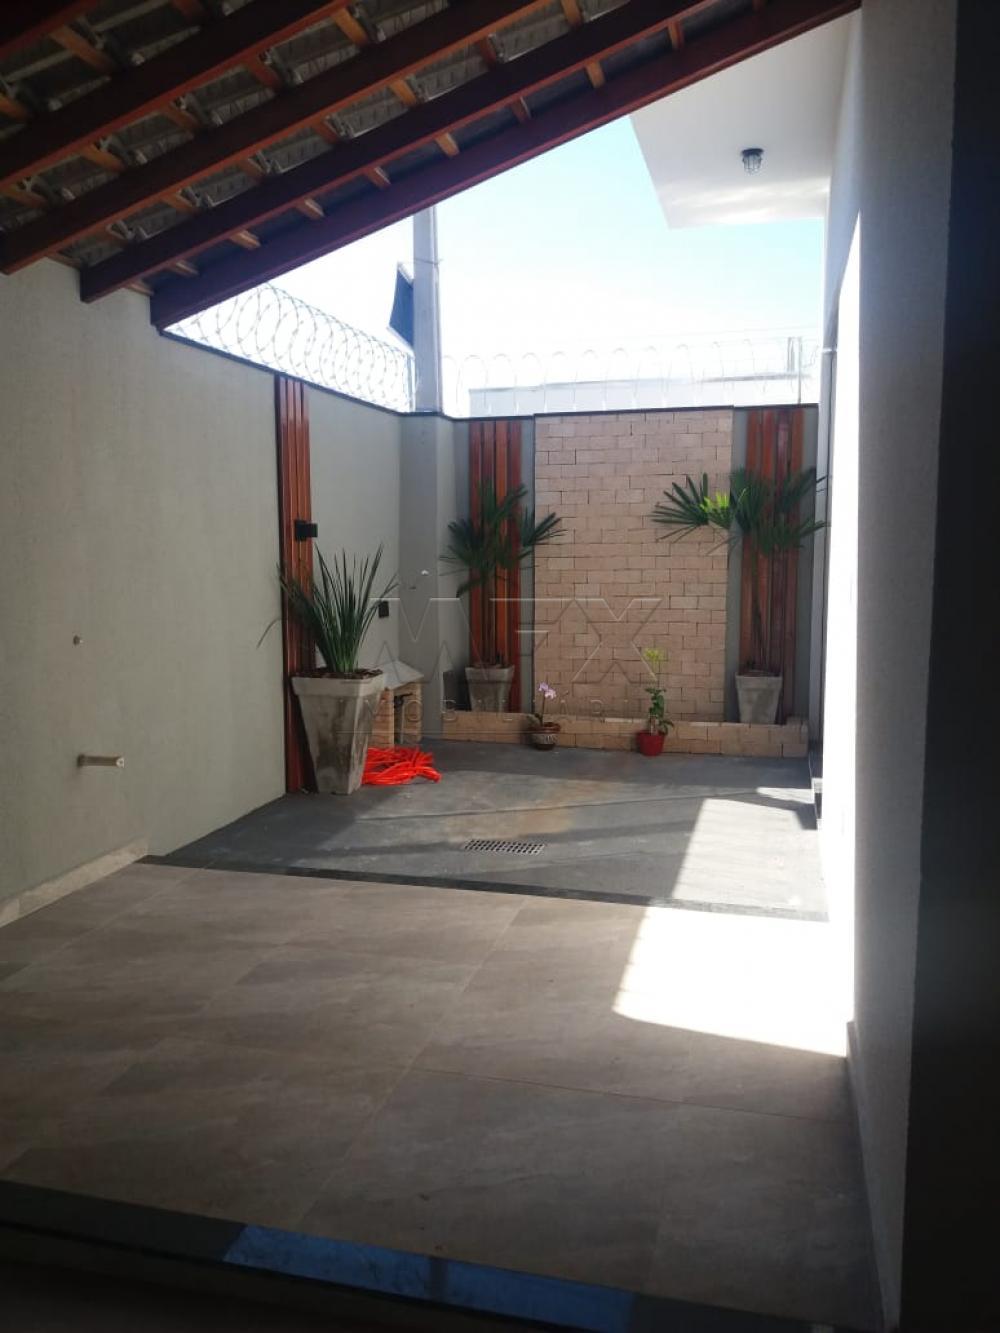 Comprar Casa / Padrão em Bauru apenas R$ 350.000,00 - Foto 10